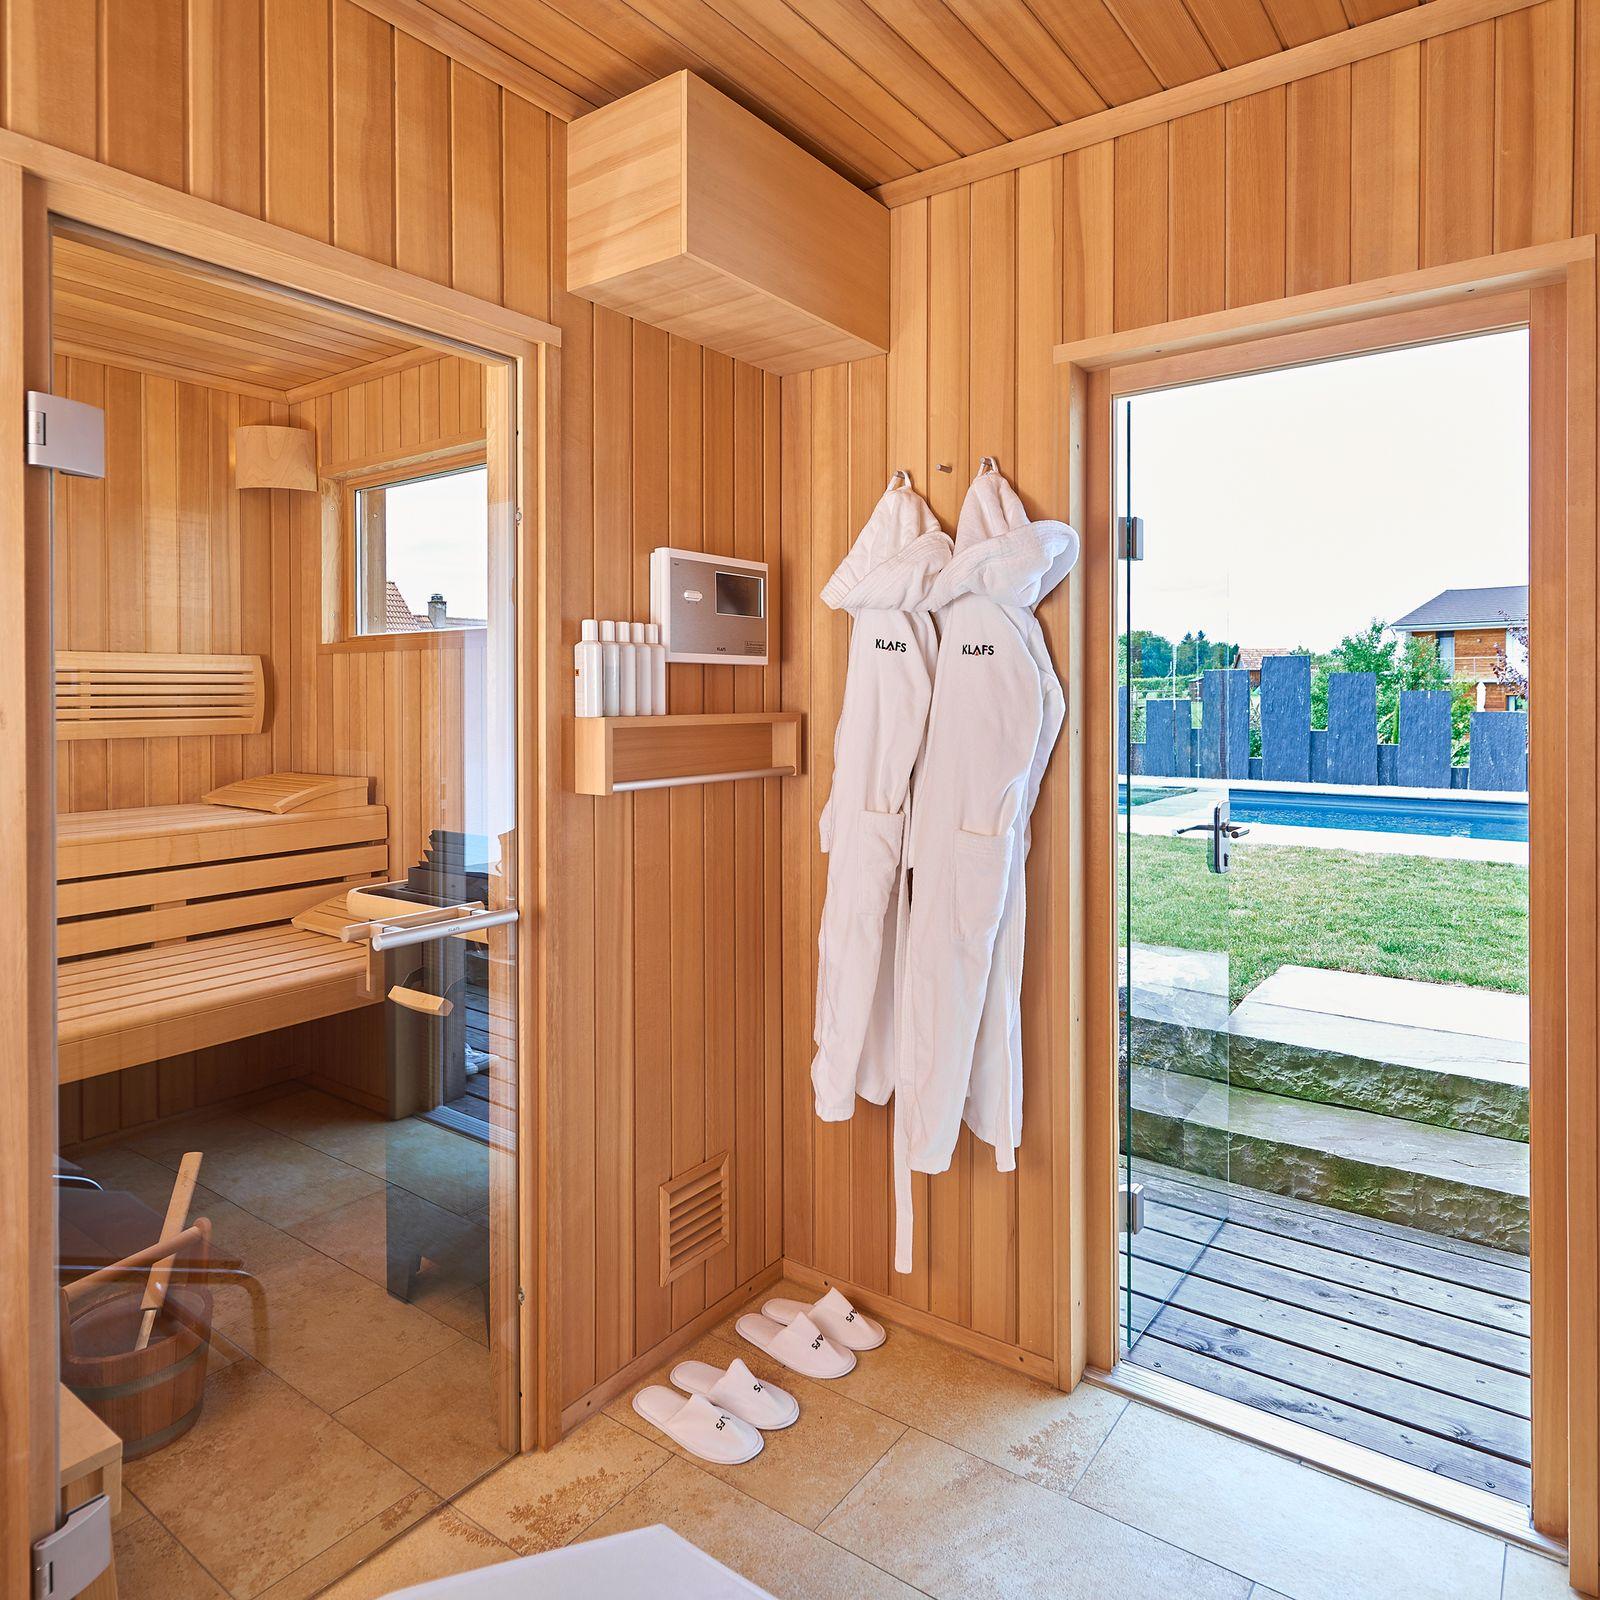 Full Size of Garten Sauna Aussensauna Talo Von Christina Obergfll Klafs Schaukel Für Gaskamin Bewässerung Automatisch Rattanmöbel Klapptisch Relaxliege Pool Im Bauen Garten Garten Sauna